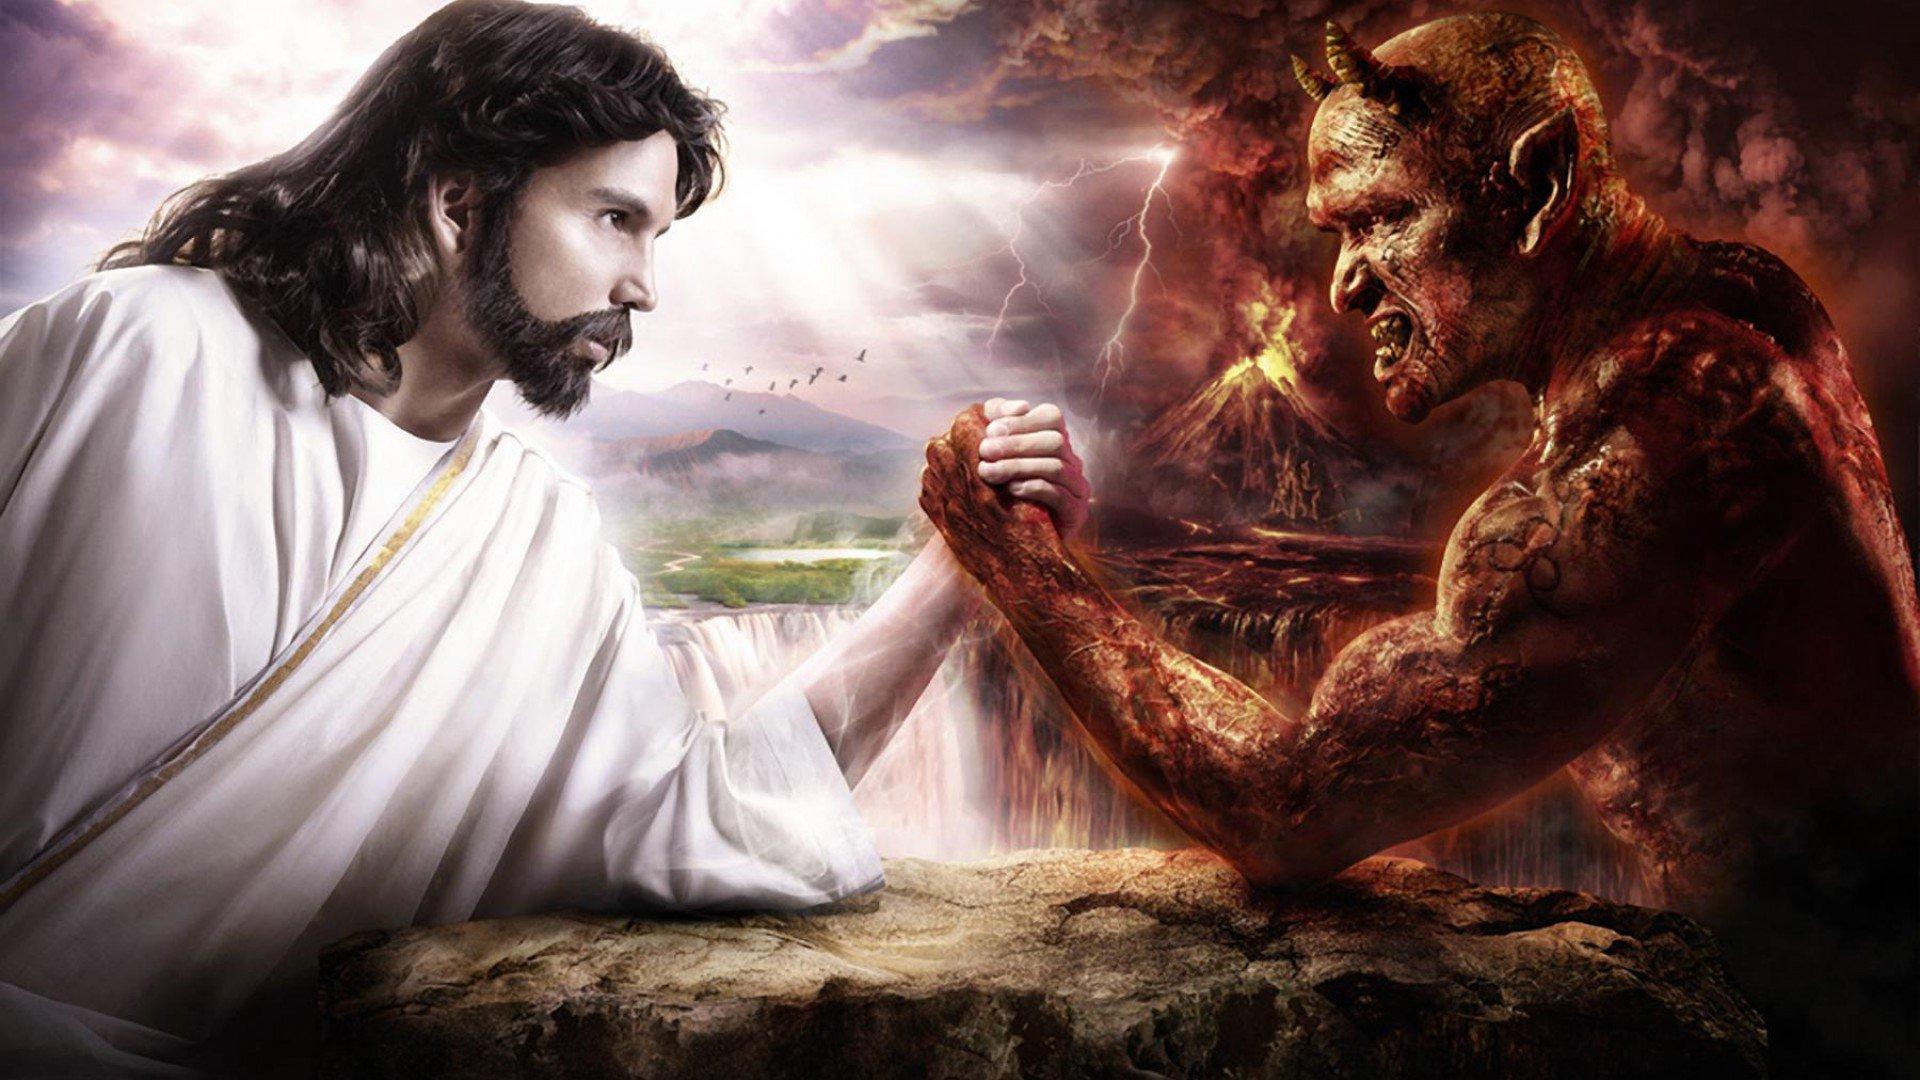 jesus vs satan hd